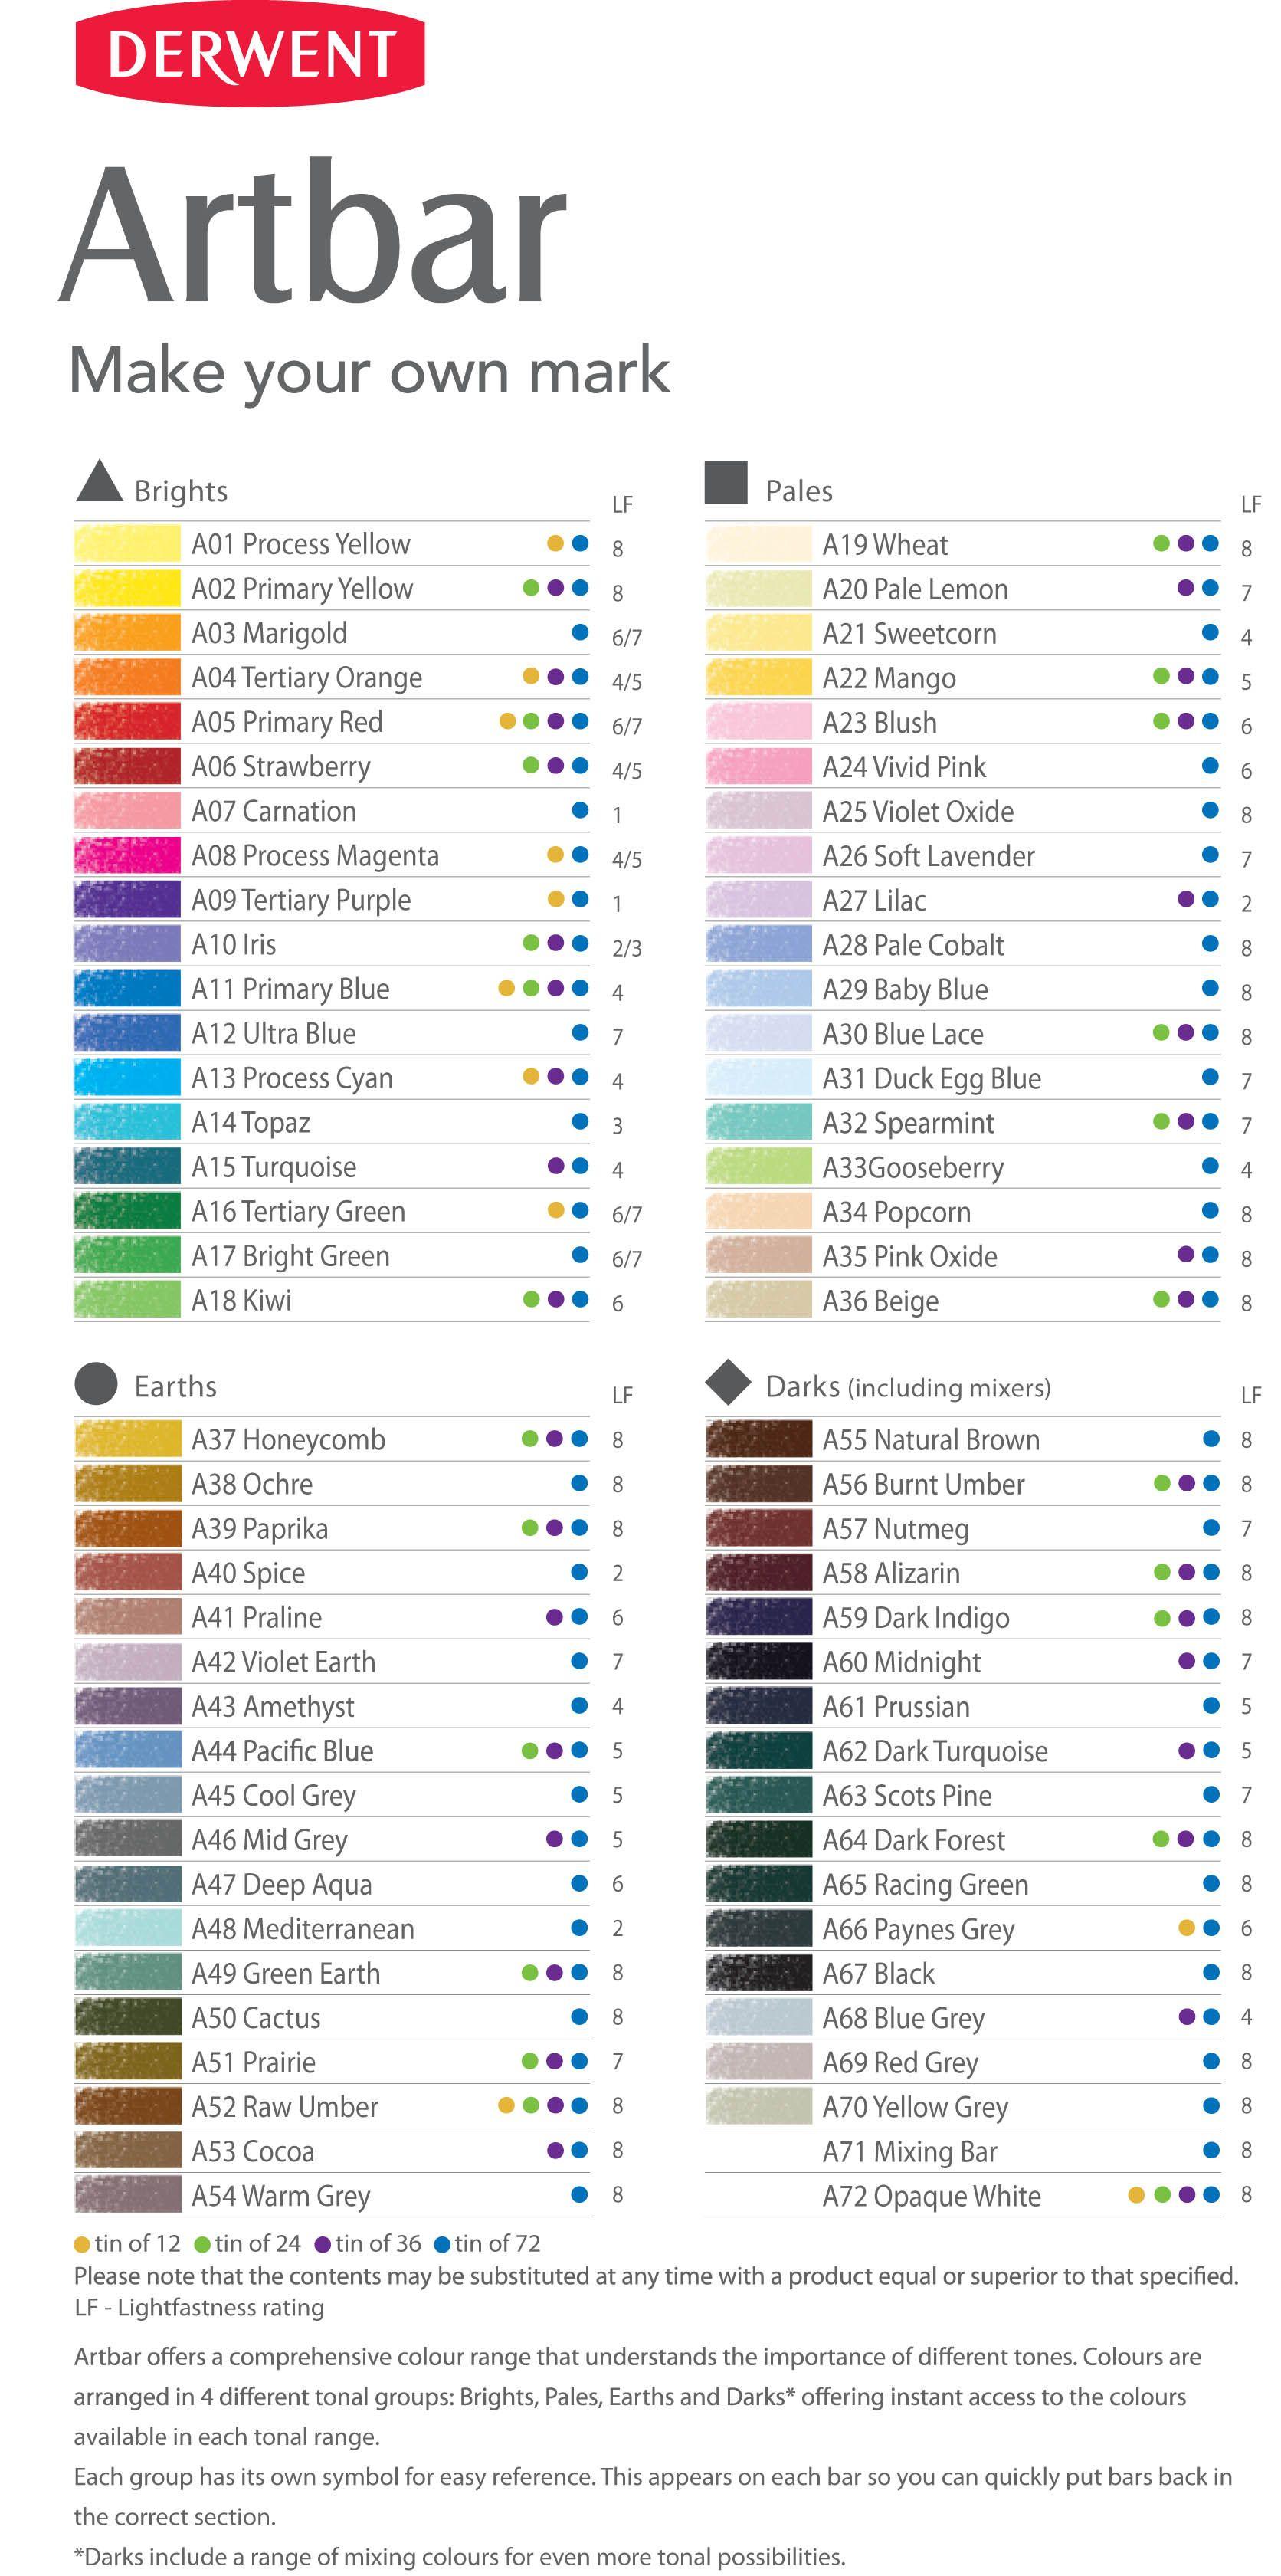 Colour Chart For The Full Range Of 72 Derwent Artbars Colour